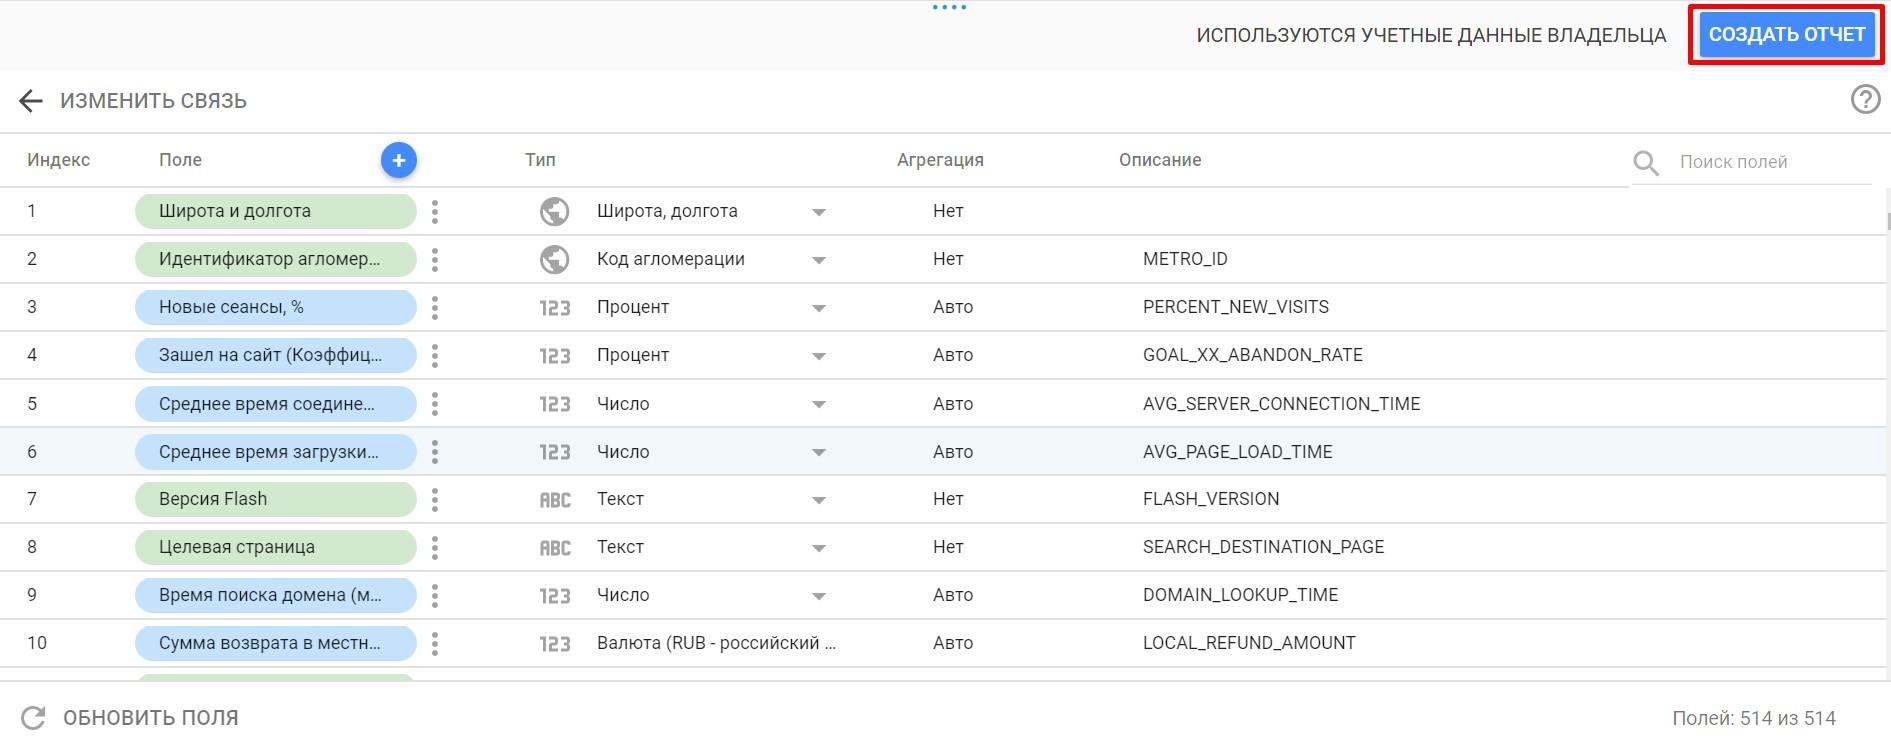 Все параметры и показатели Google Analytics